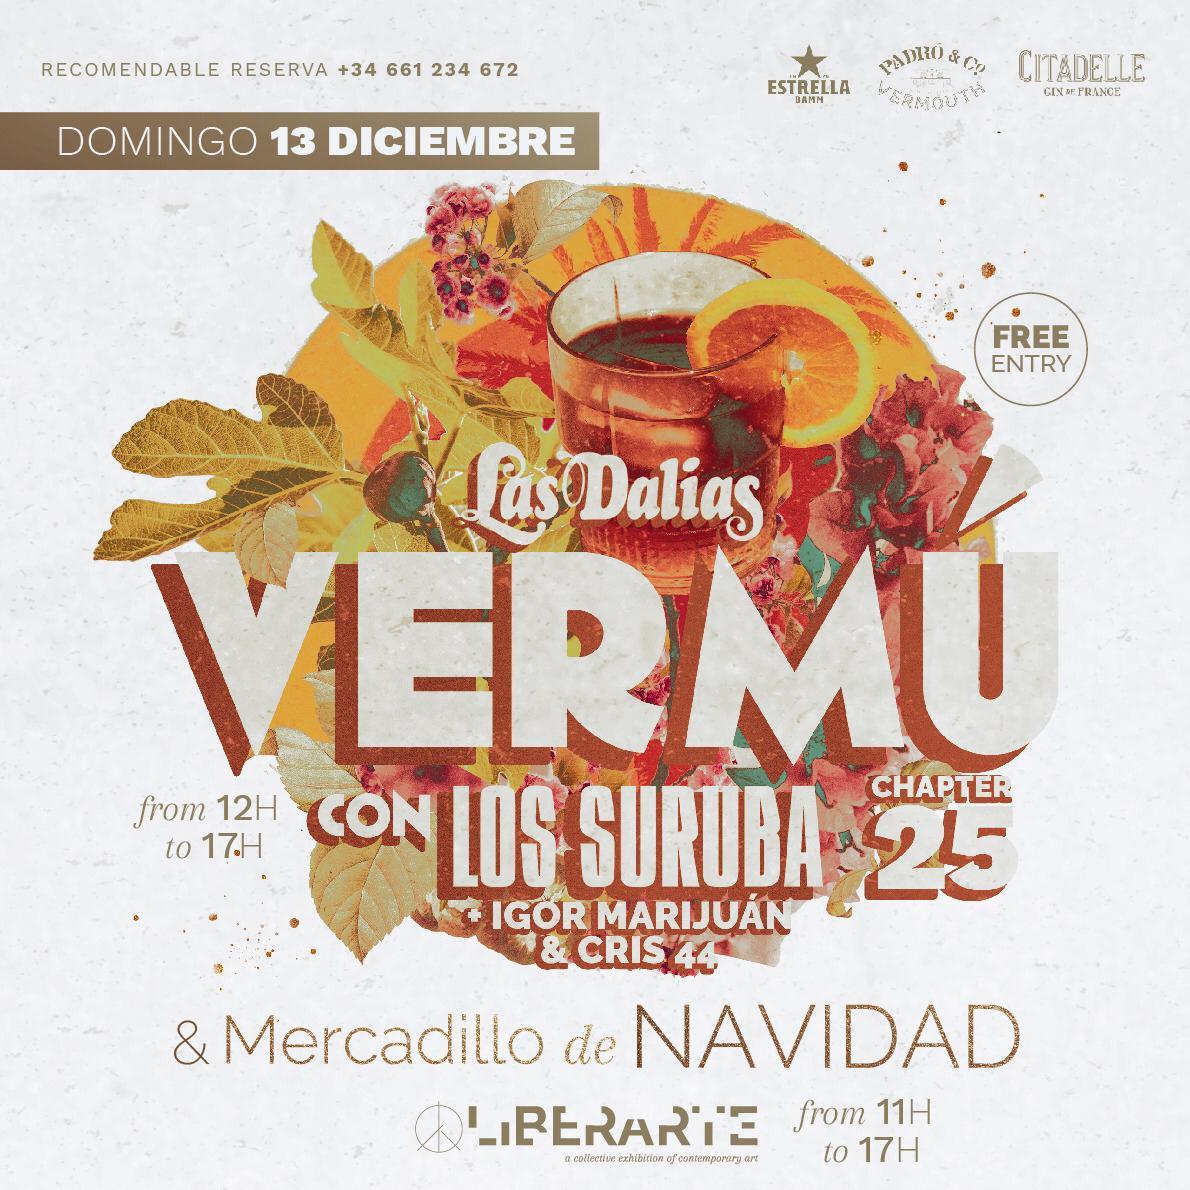 Vermu with Igor Marijuan & Cris 44 b2b recorded live at Las Dalias